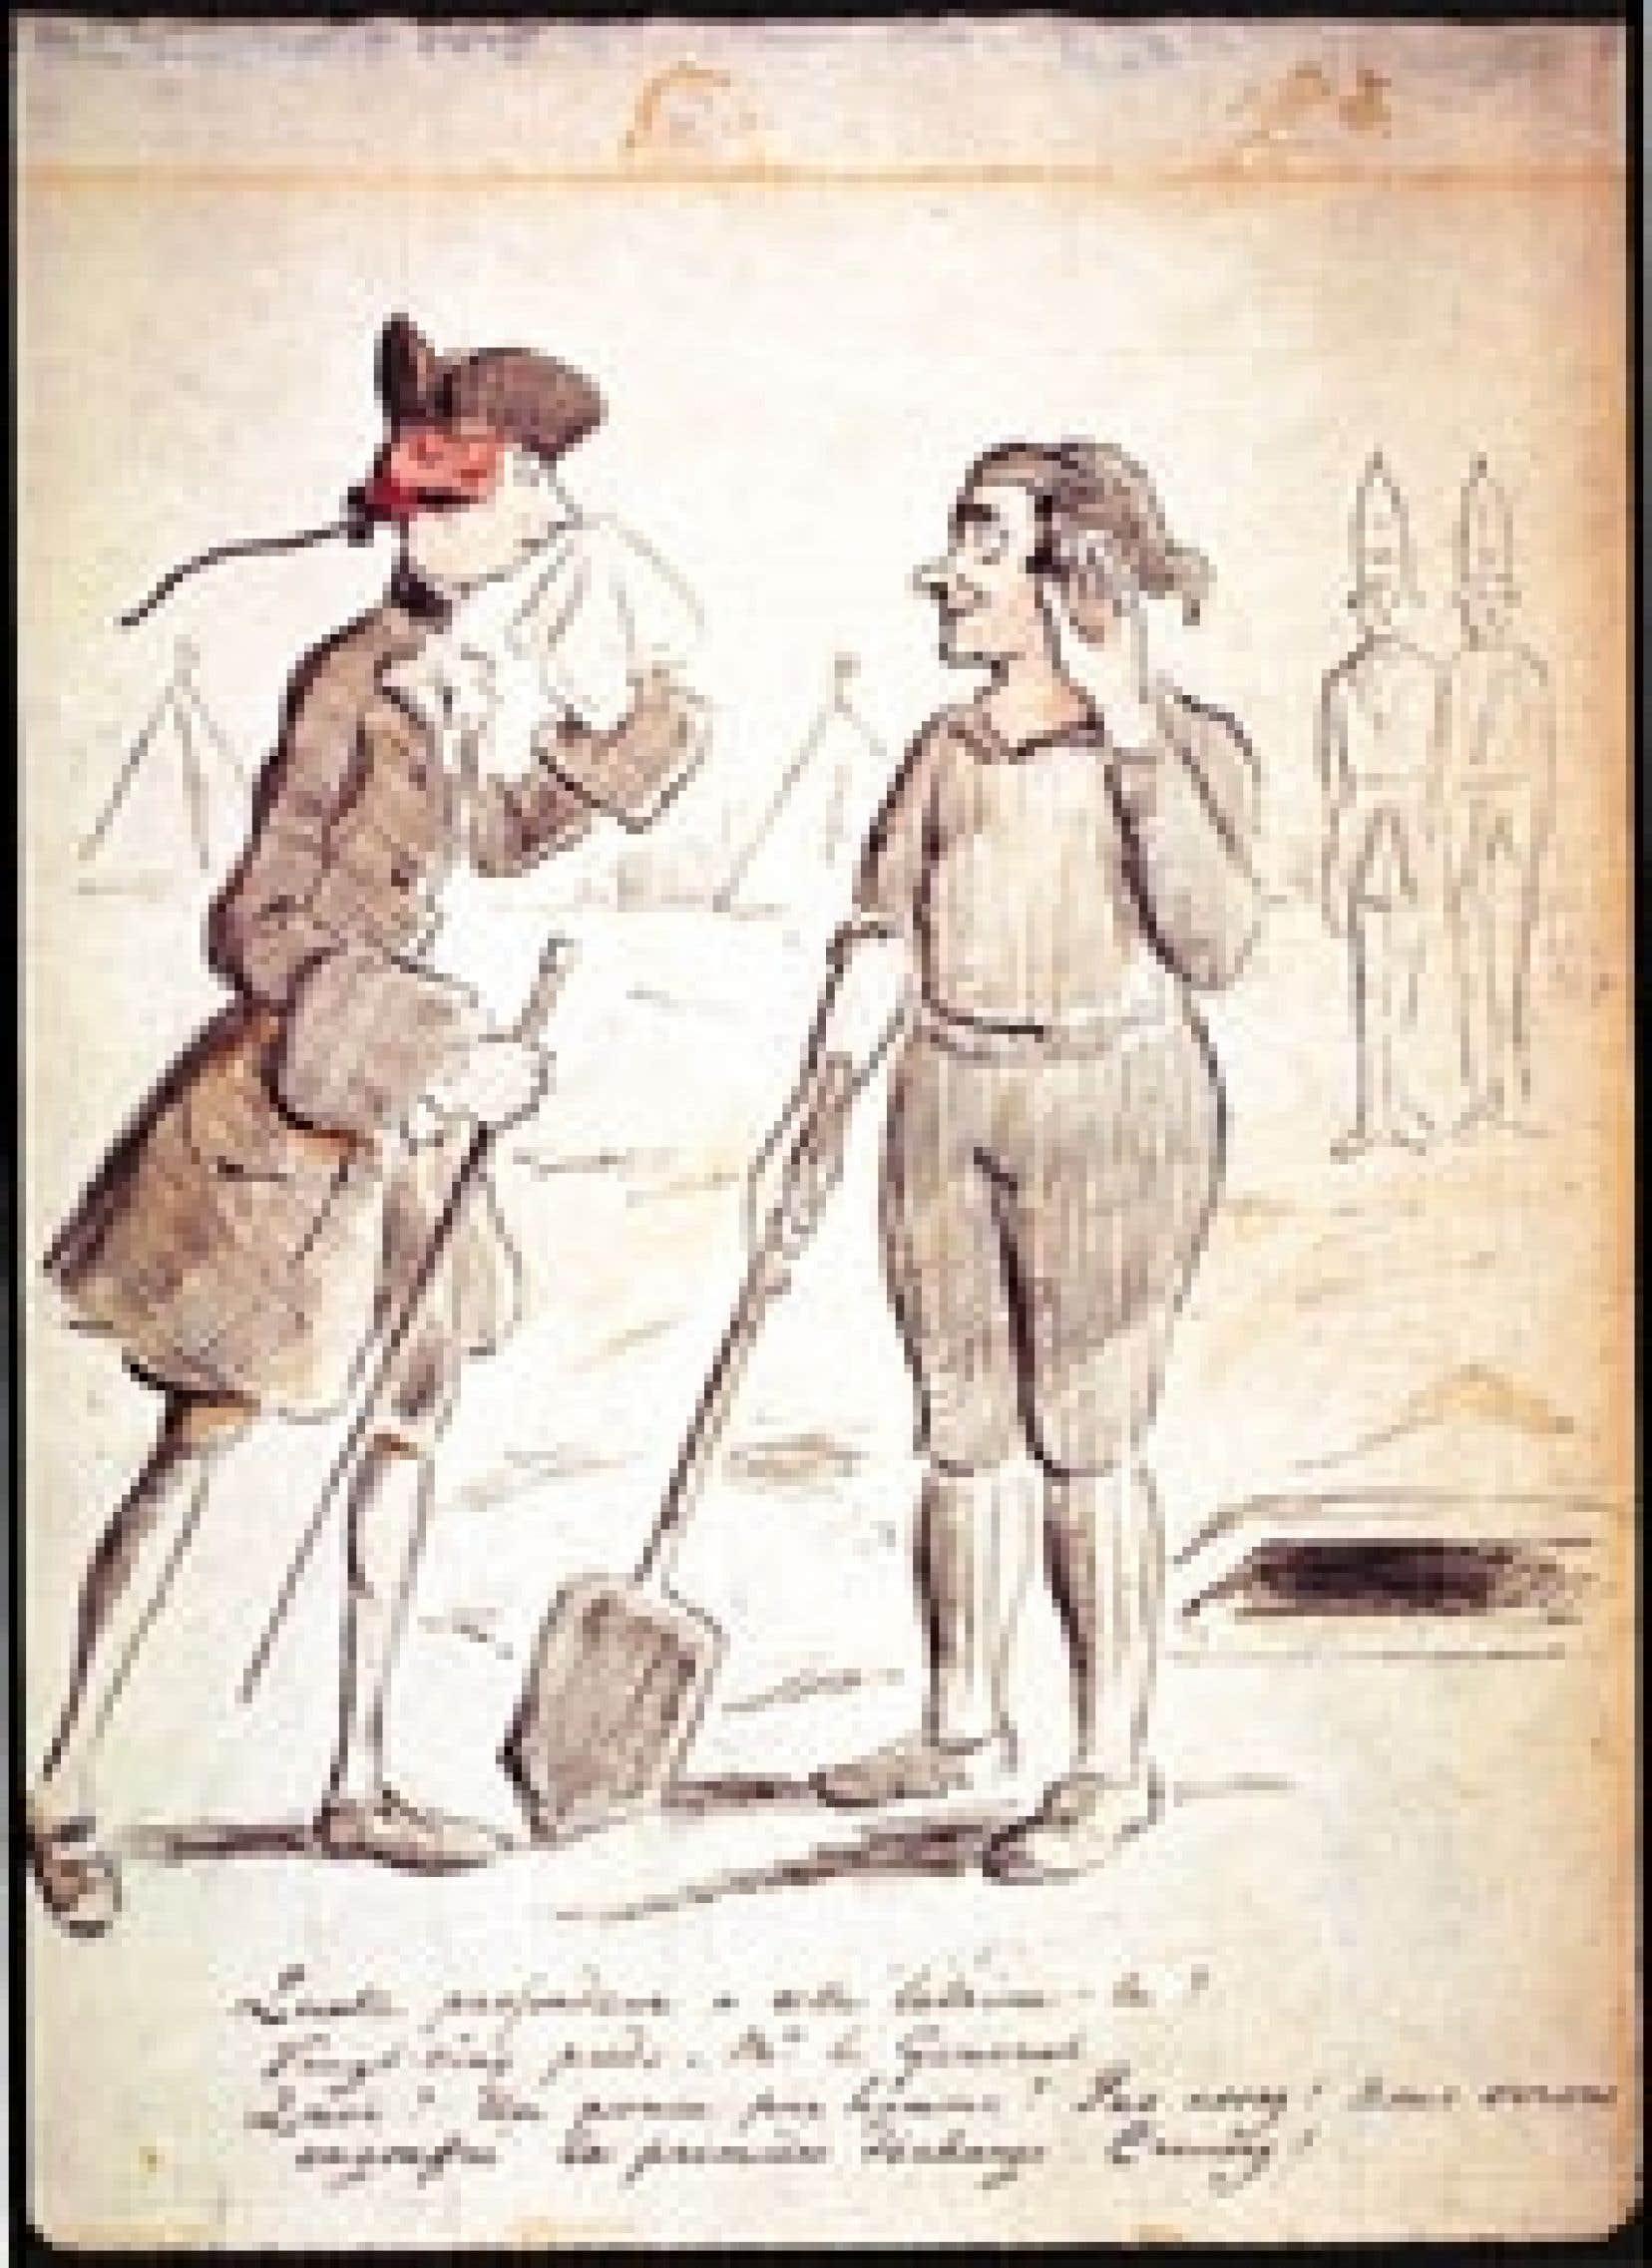 Le général James Wolfe à Québec, 1759, George Townshend. Source: Musée McCord